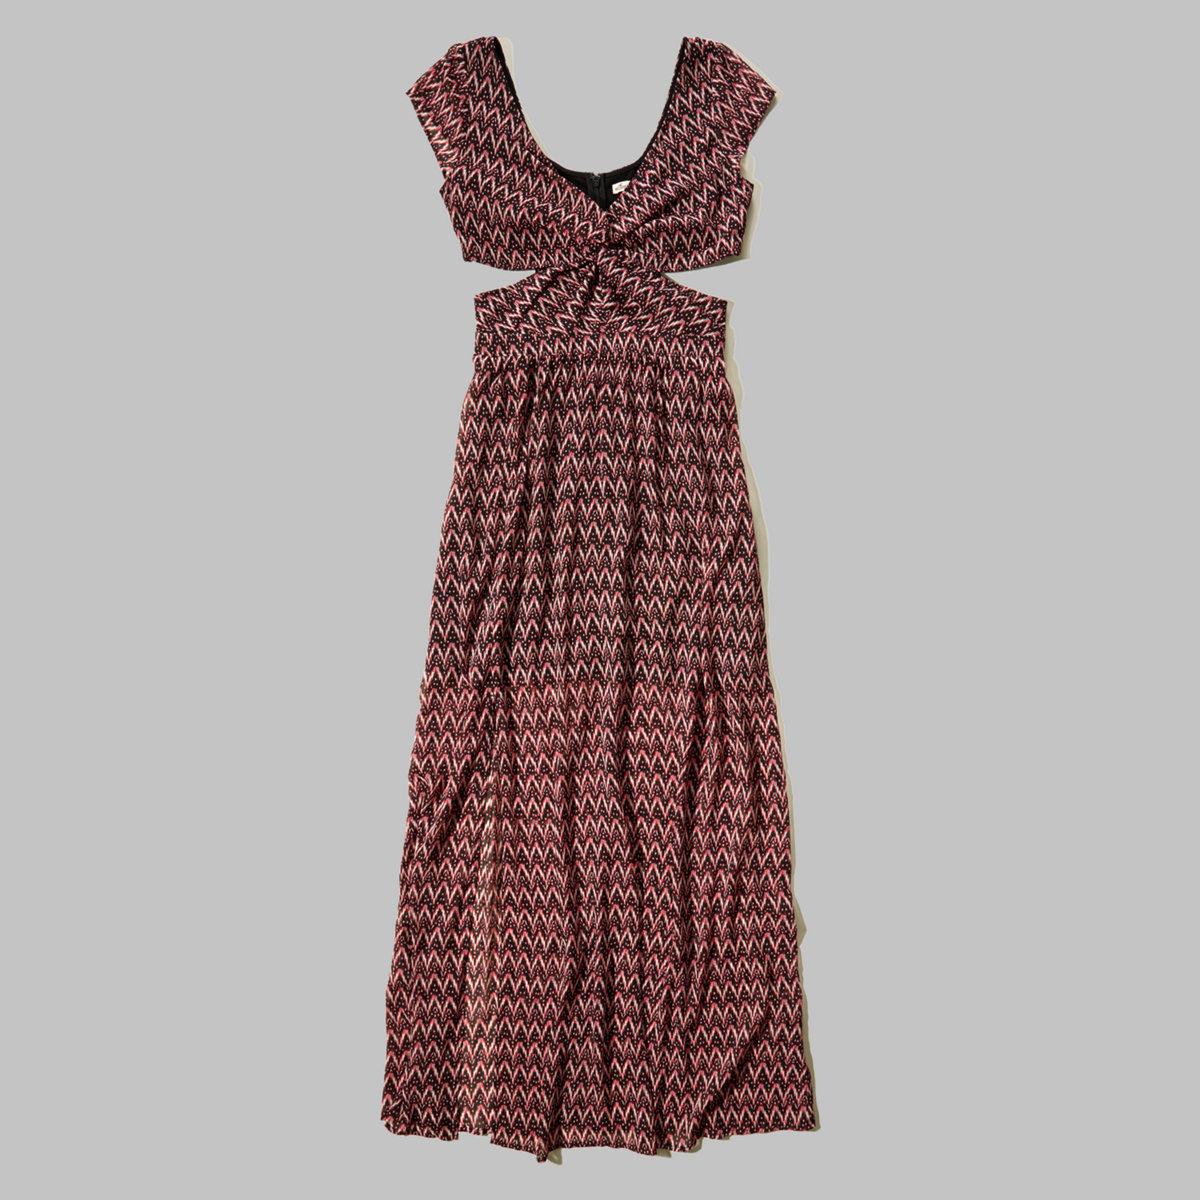 Patterned Cutout Maxi Dress